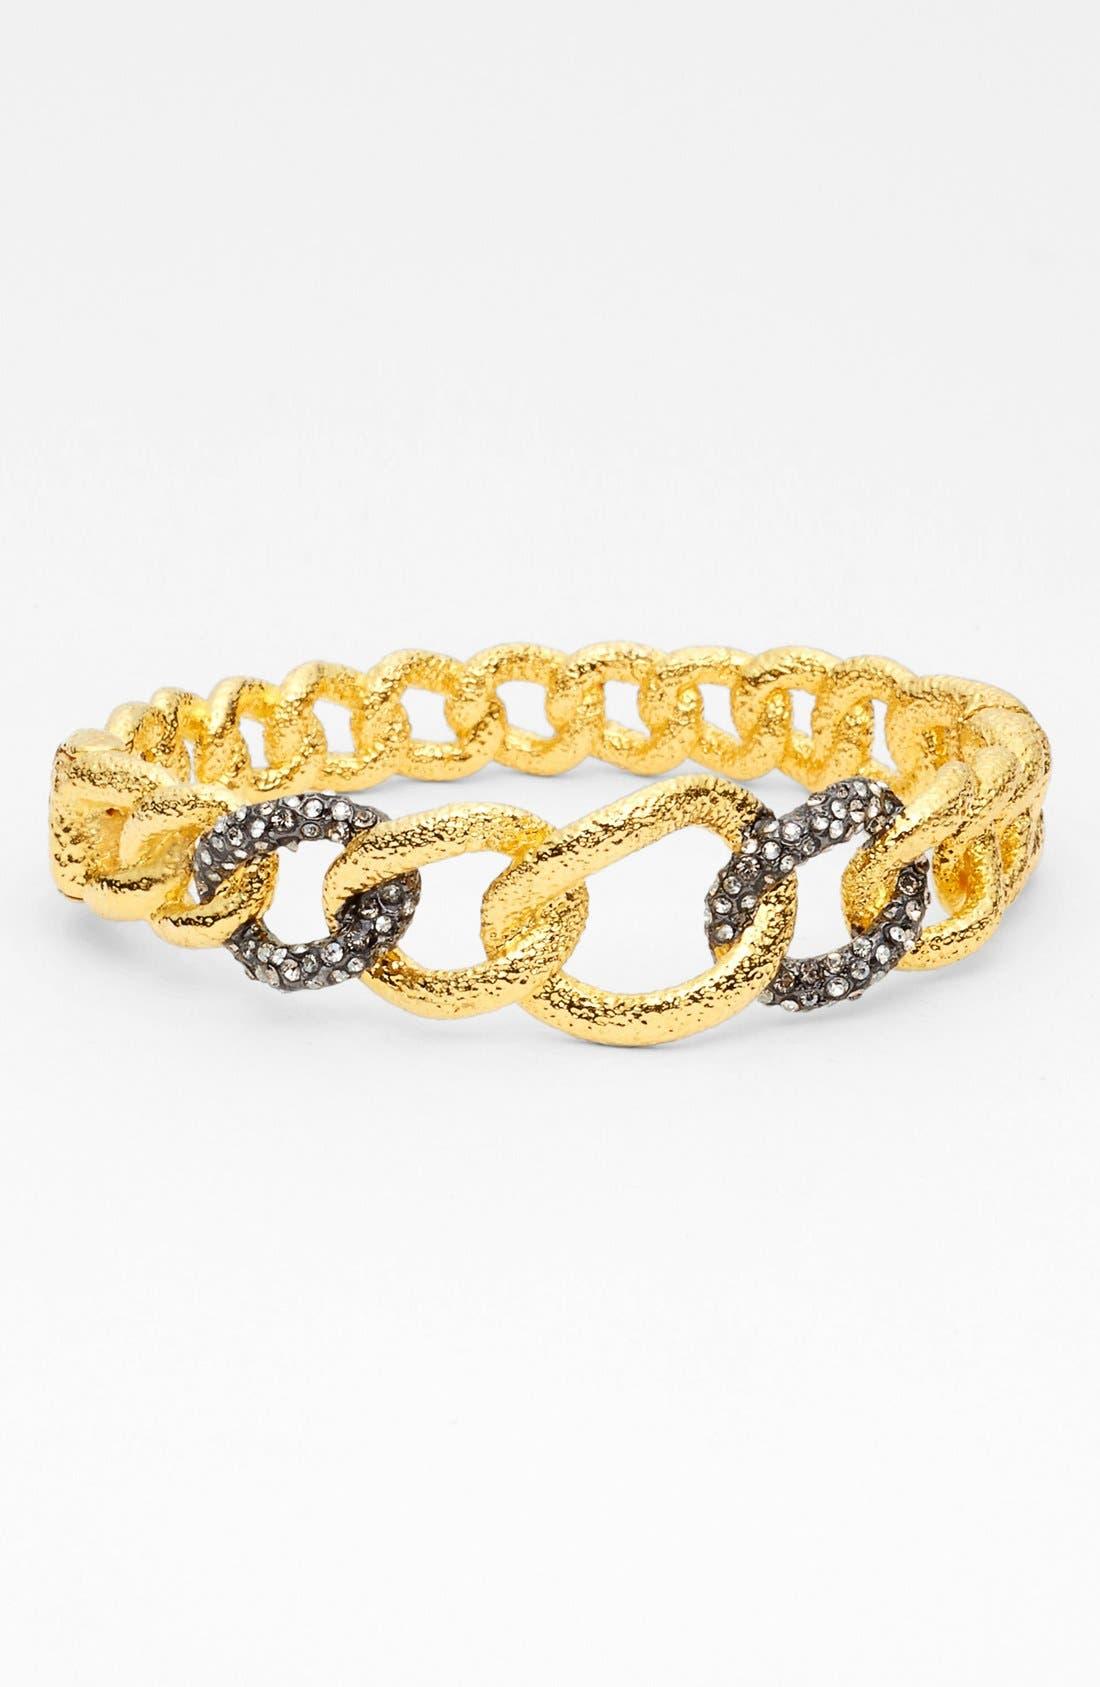 Main Image - Alexis Bittar 'Elements - Jardin de Papillon' Hinged Chain Link Bracelet